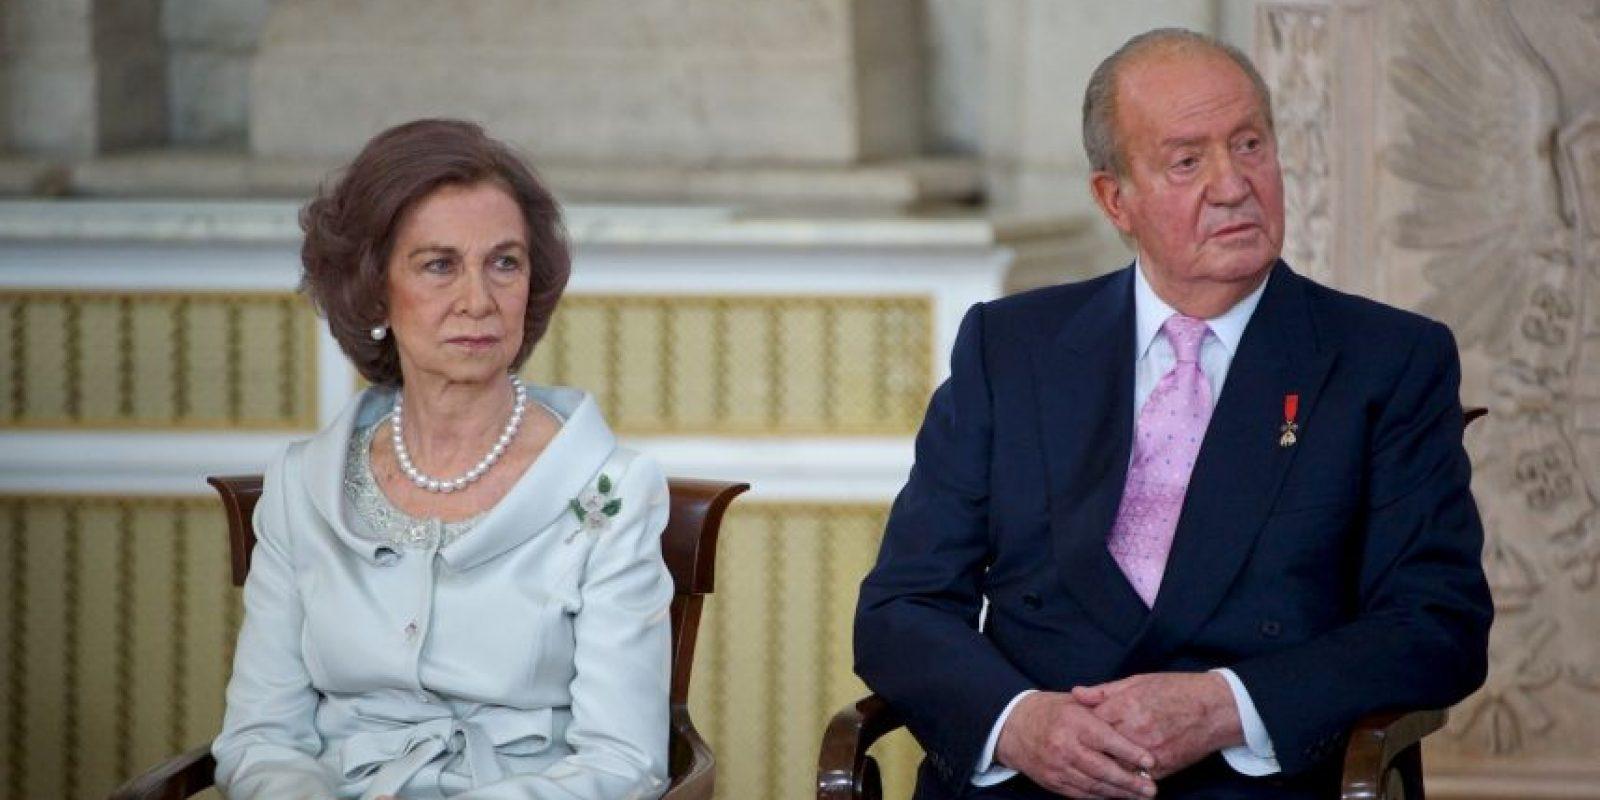 Hace unos meses se anunció que se divorciaría de la Reina Sofía. Foto:Getty Images